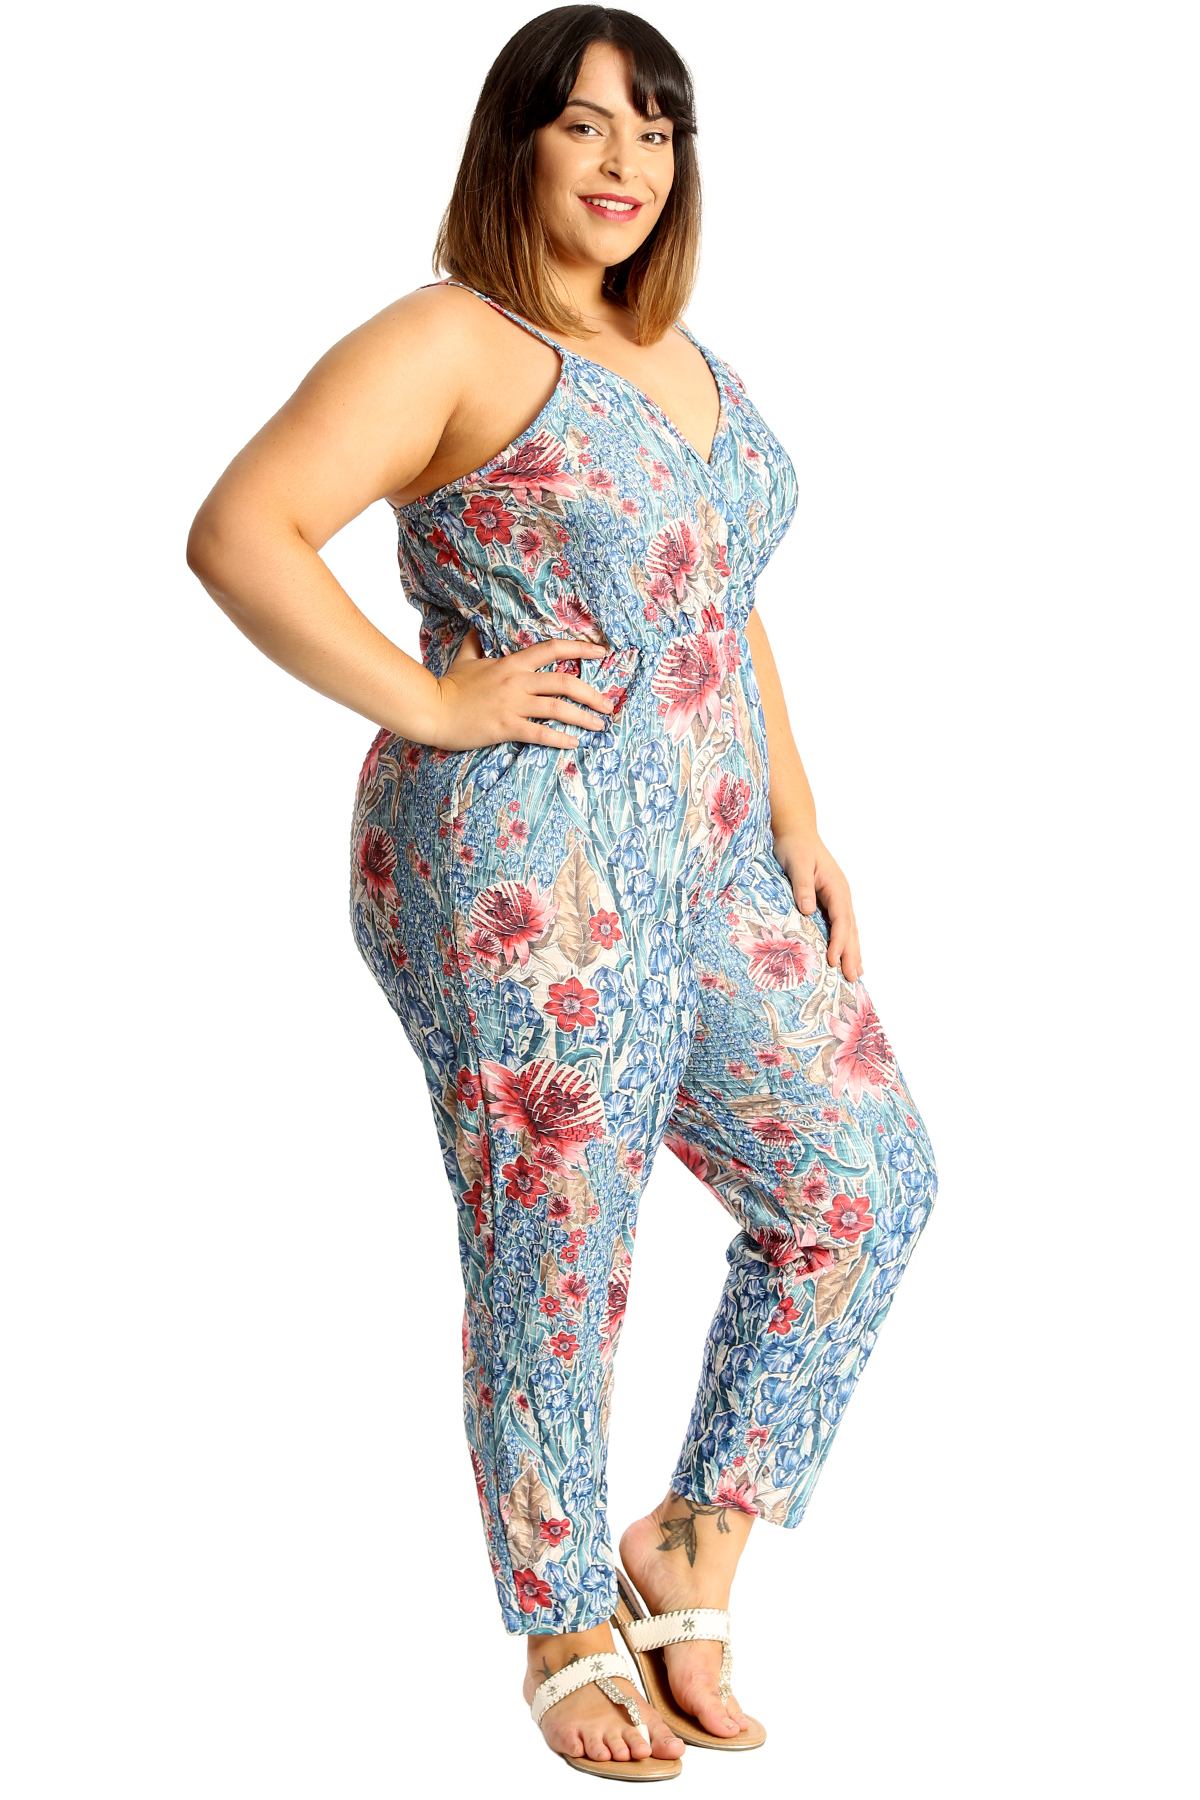 8722a8800e9 New Womens Plus Size Jumpsuit Ladies Denim Floral Print Thin Strap ...